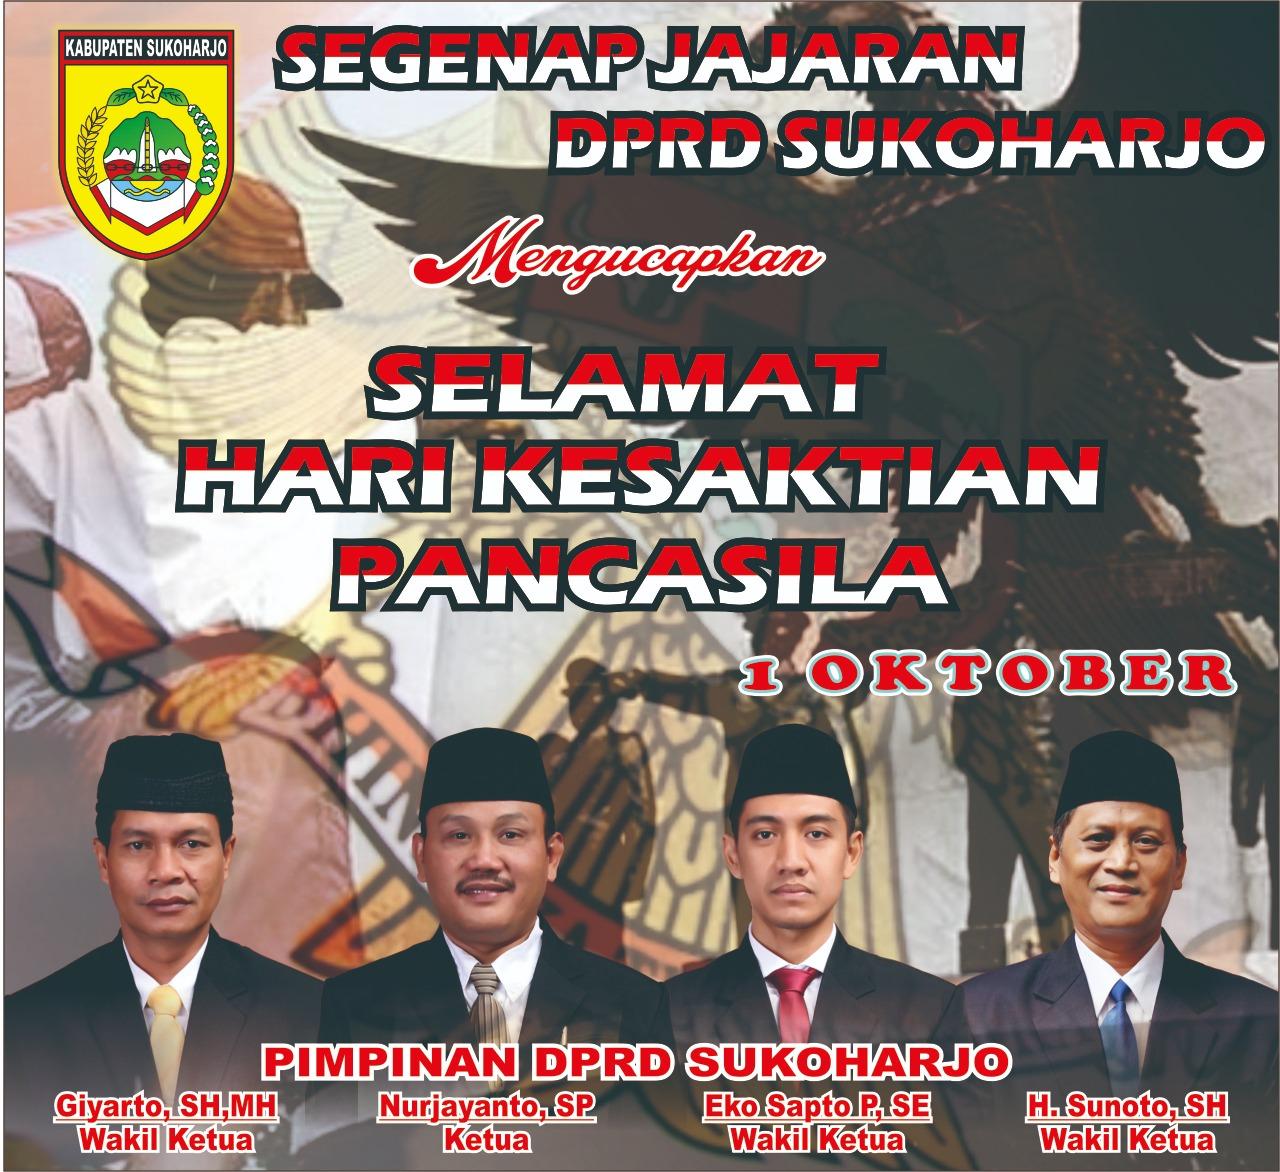 banner kesaktian pancasila